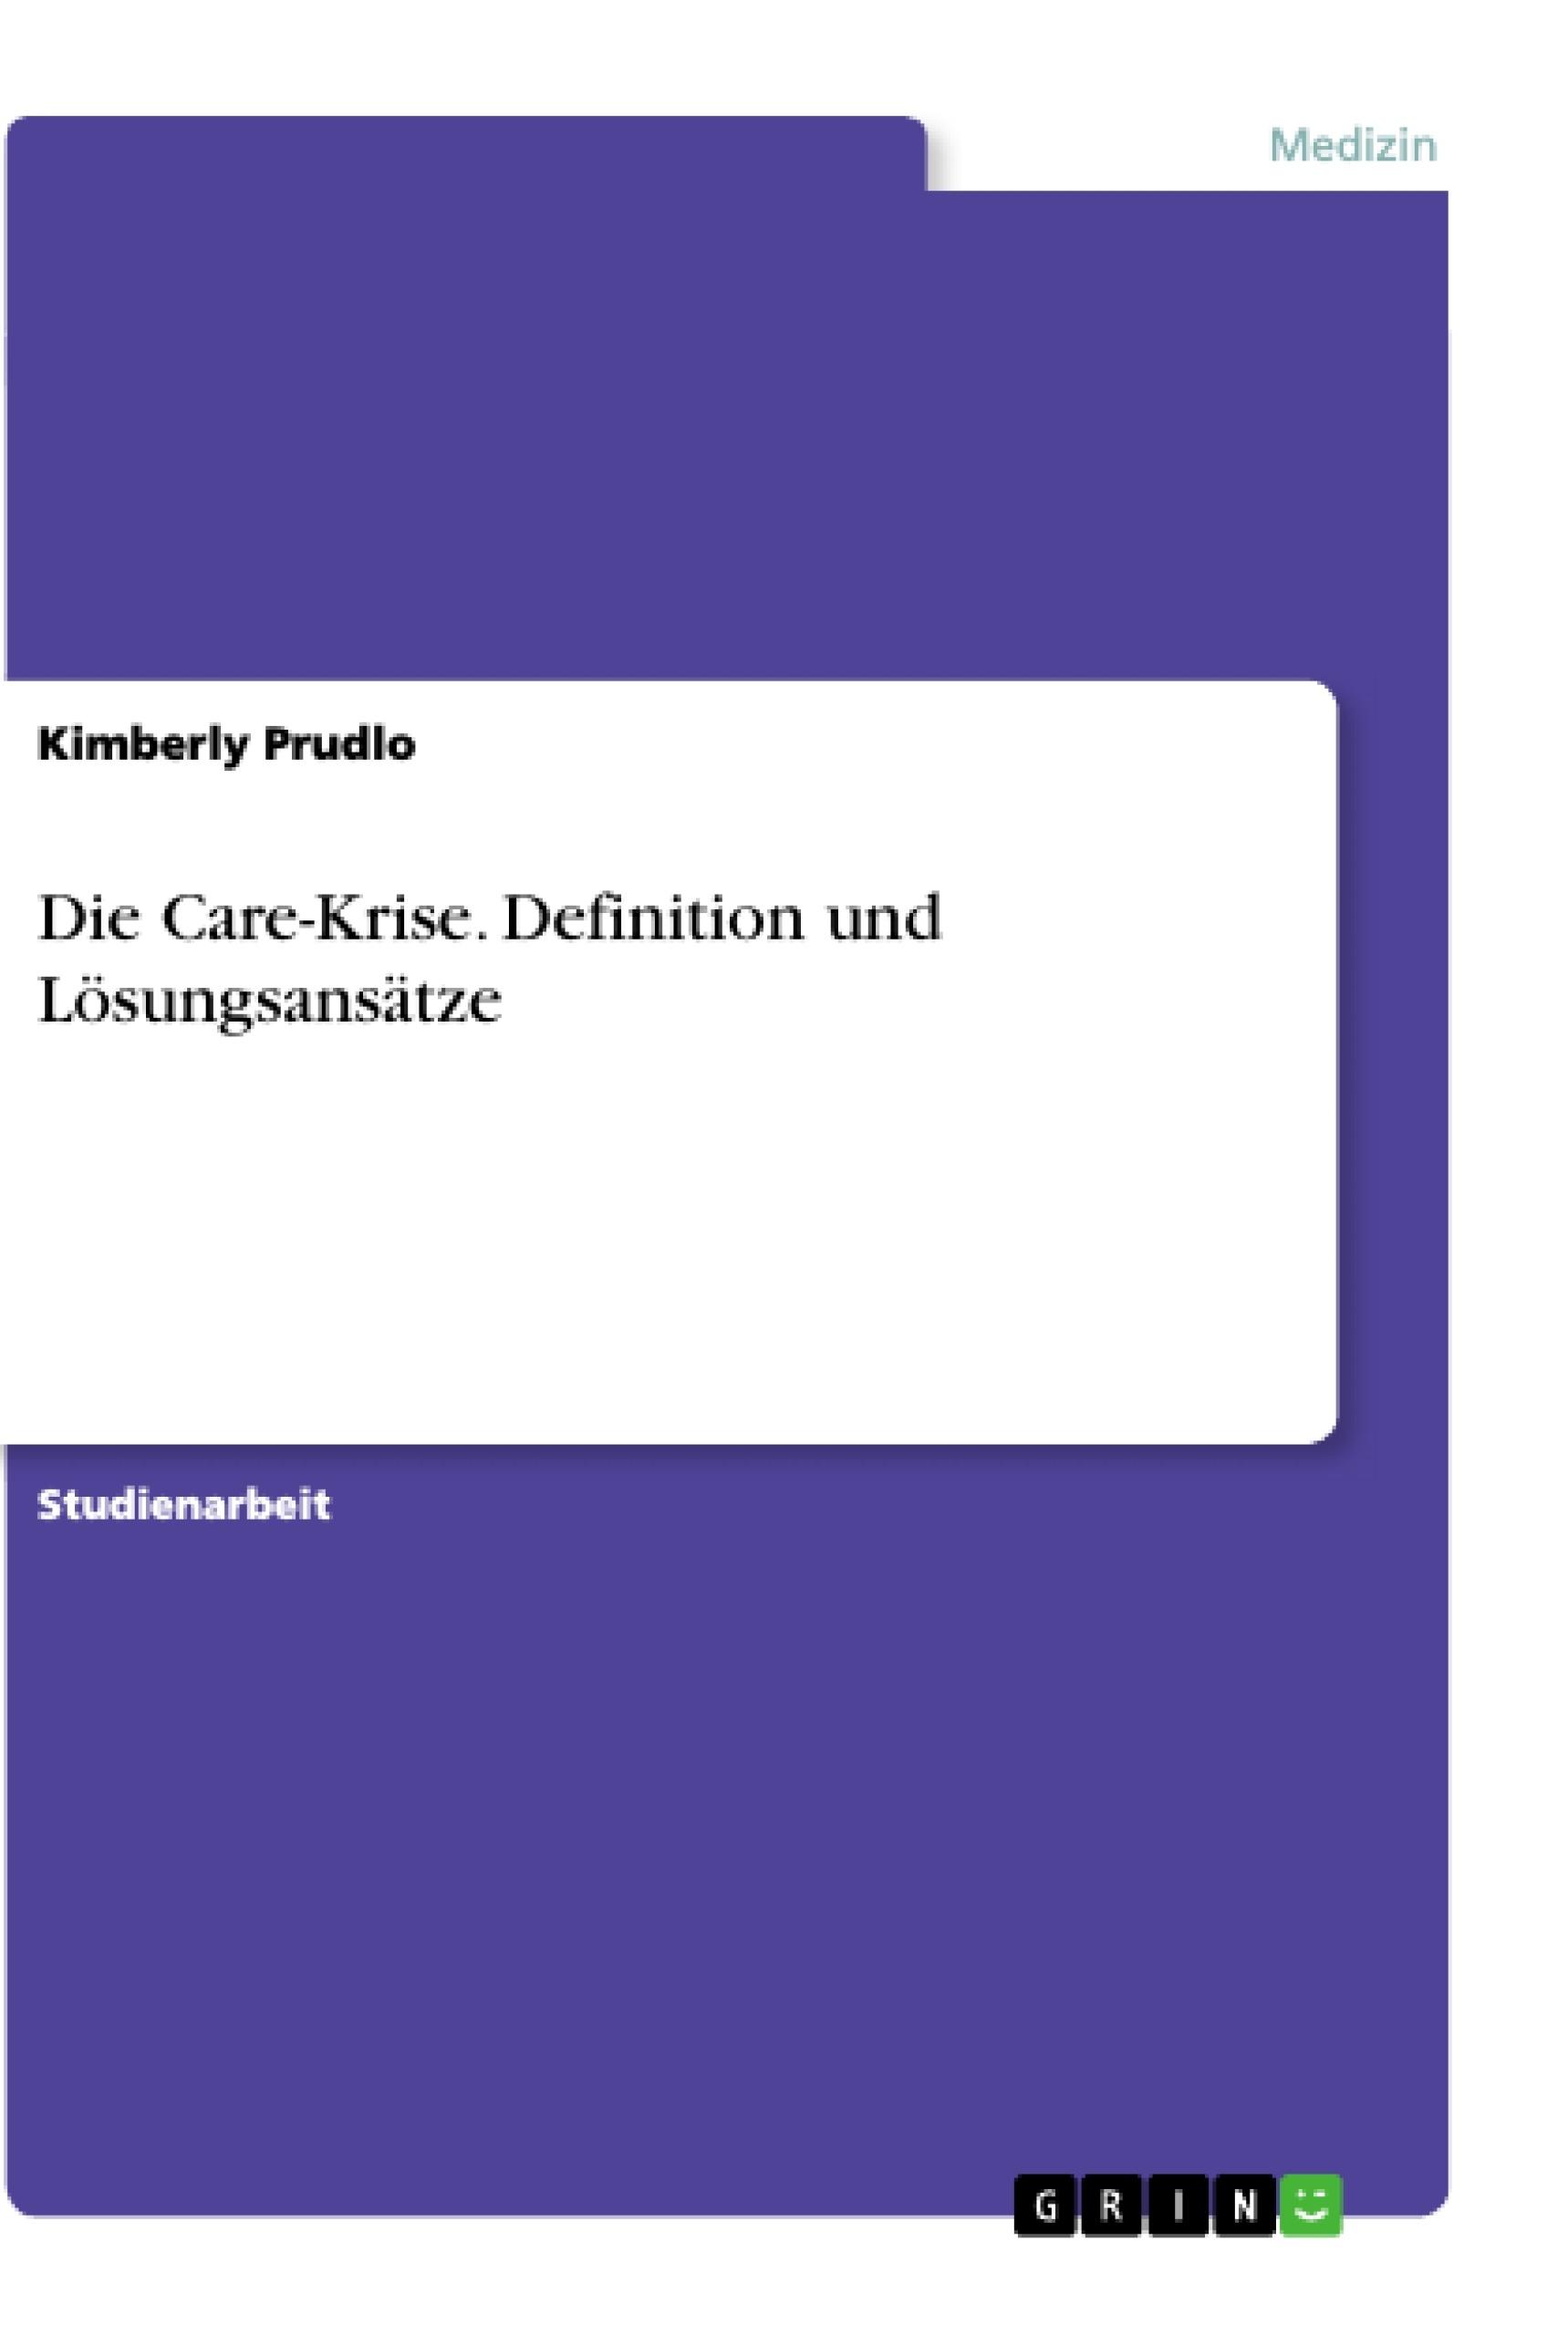 Titel: Die Care-Krise. Definition und Lösungsansätze